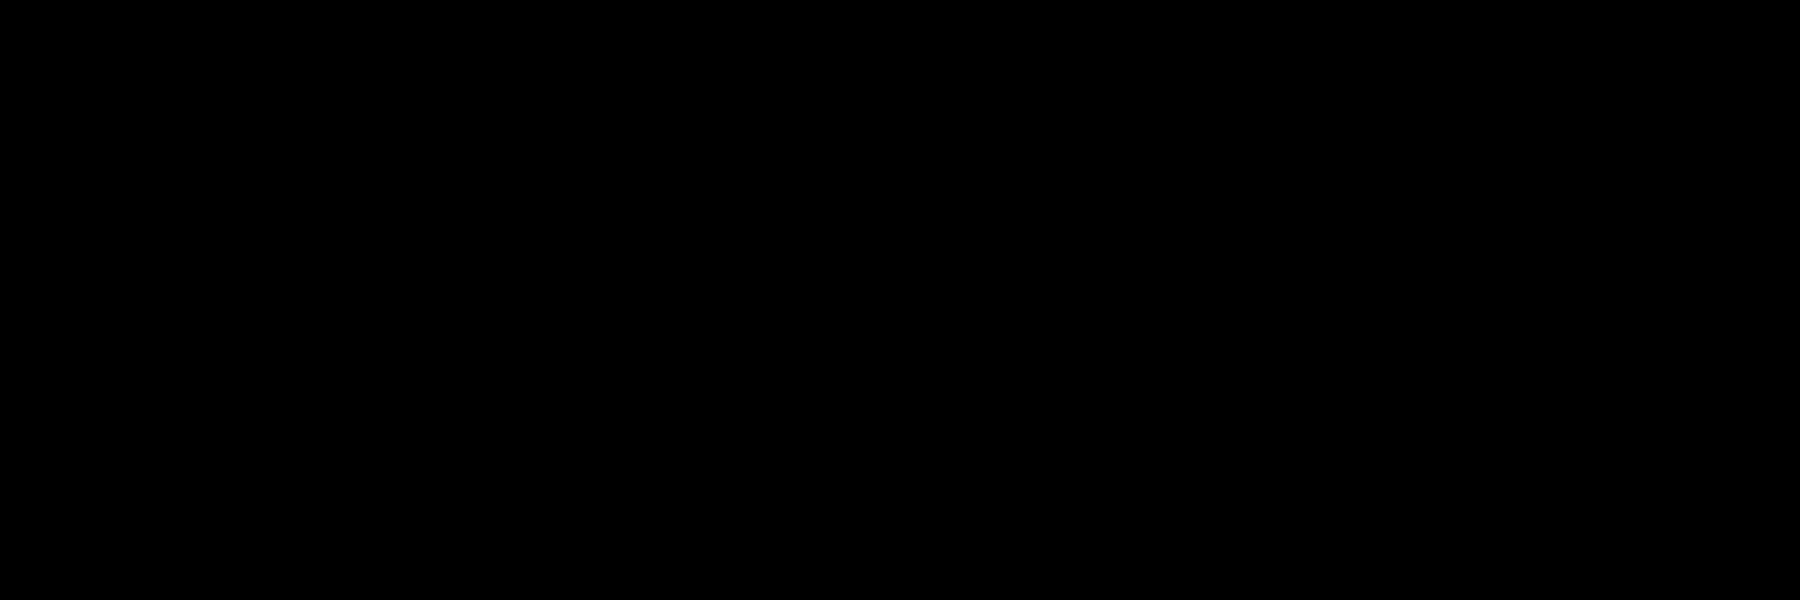 shelvestnik